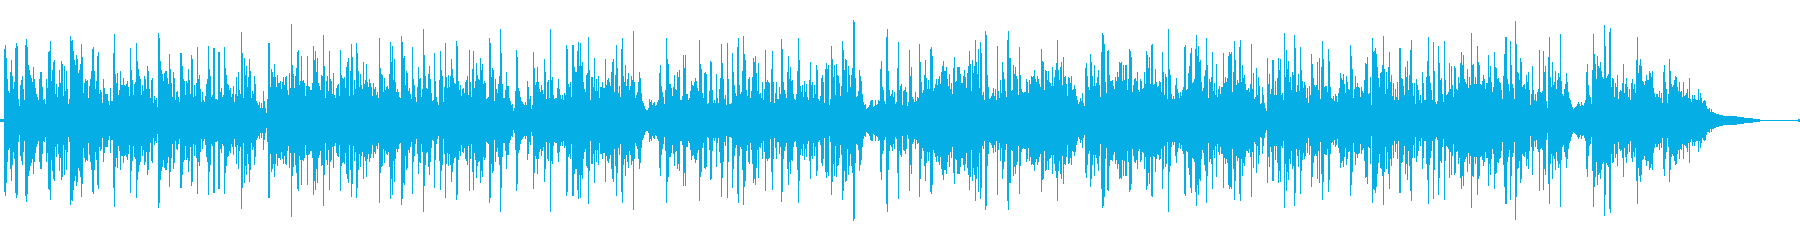 シンセベルの音色が美しいキラキラ系BGMの再生済みの波形